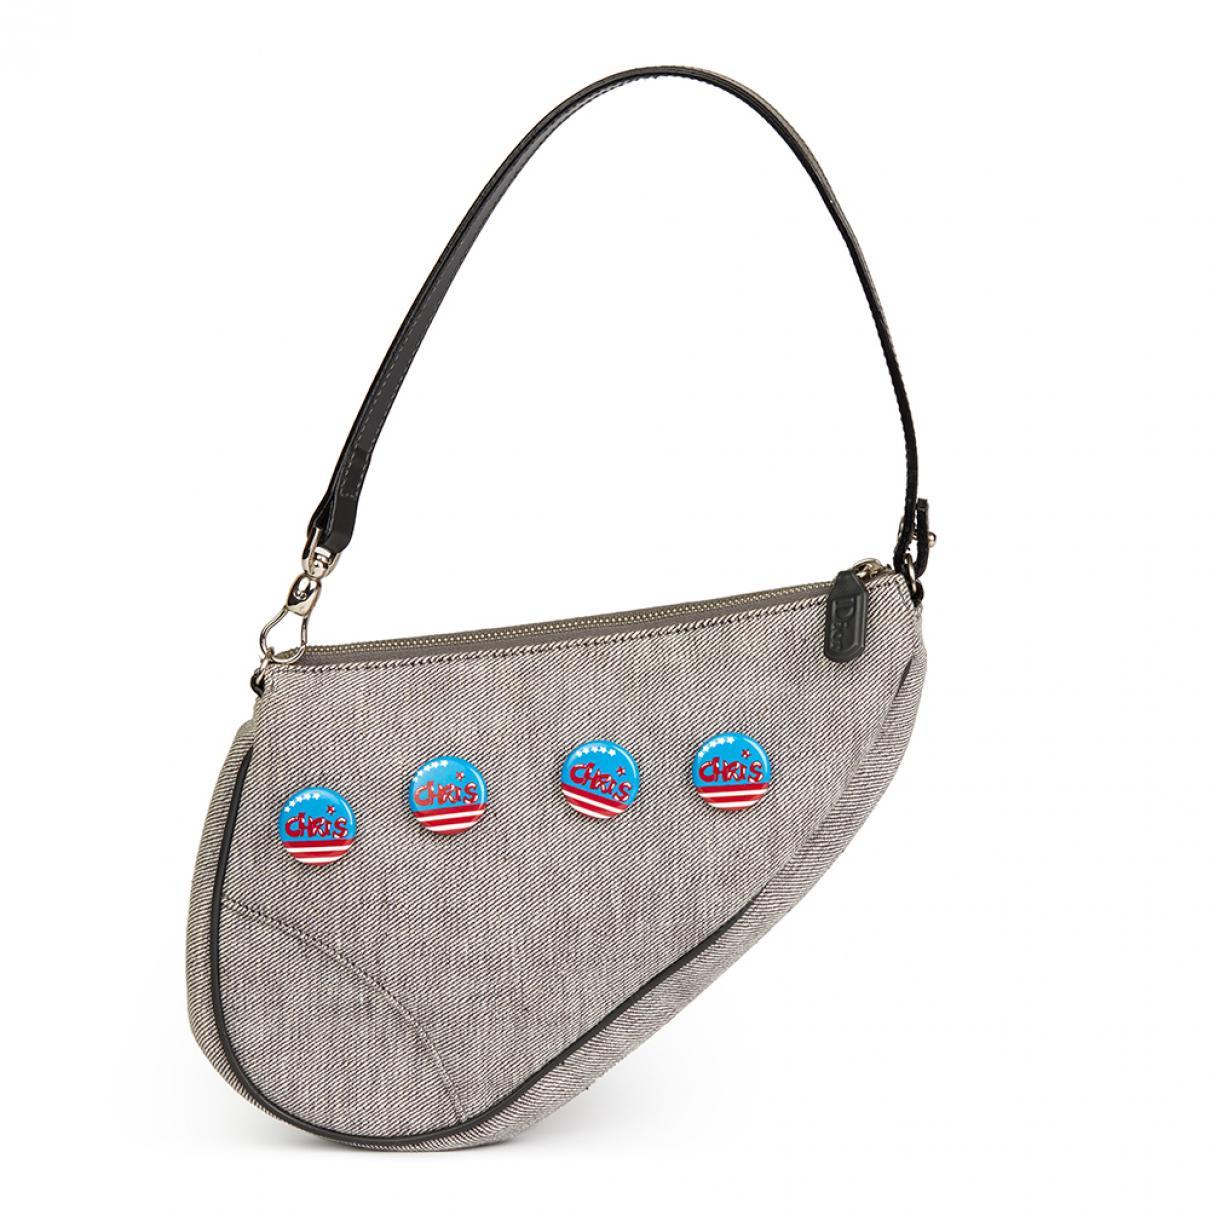 9bffb2355b66 Lyst - Dior Pre-owned Saddle Grey Cloth Handbag in Gray